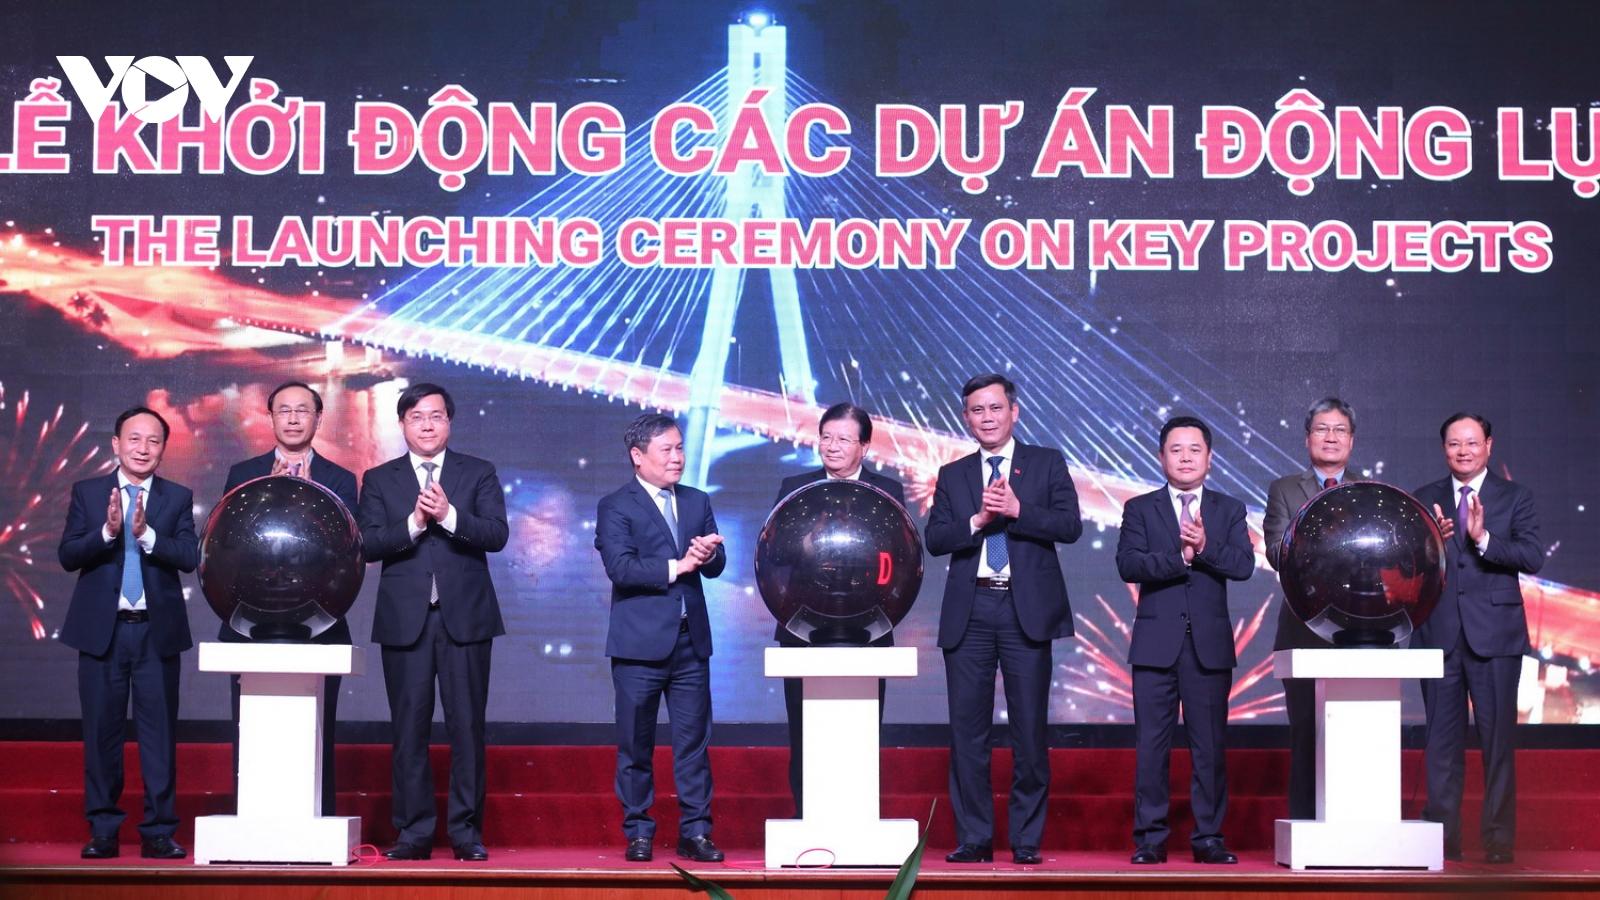 Quảng Bình thu hút hàng loạt dự án đầu tư, tổng vốn đăng ký hơn 141.000 tỷ đồng